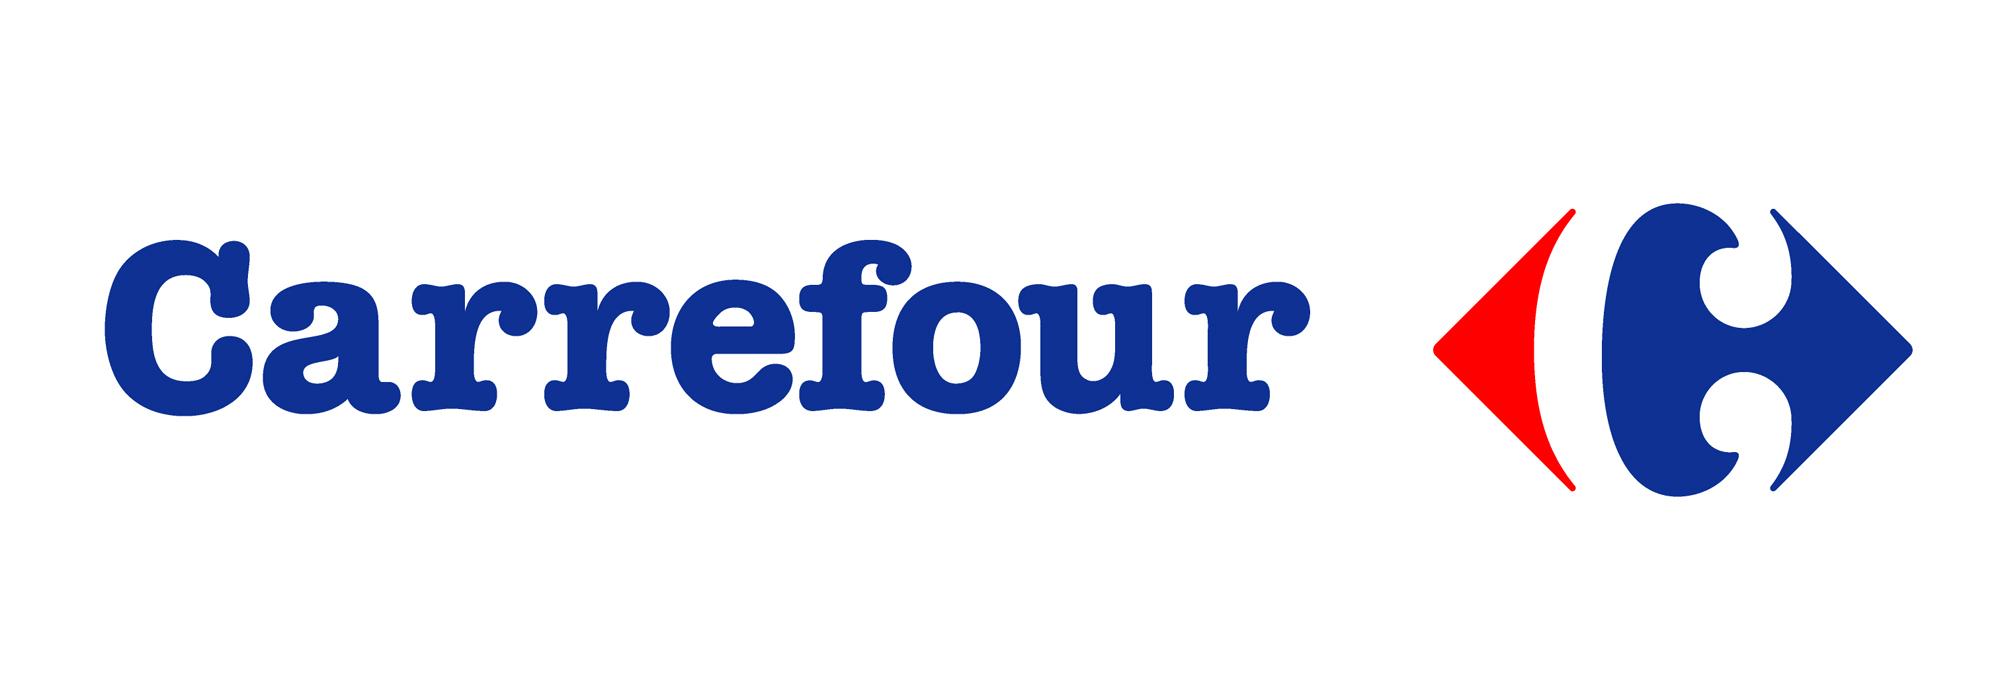 Eskişehir NEO CARREFOUR Mağazasında! - Carrefour Logo PNG